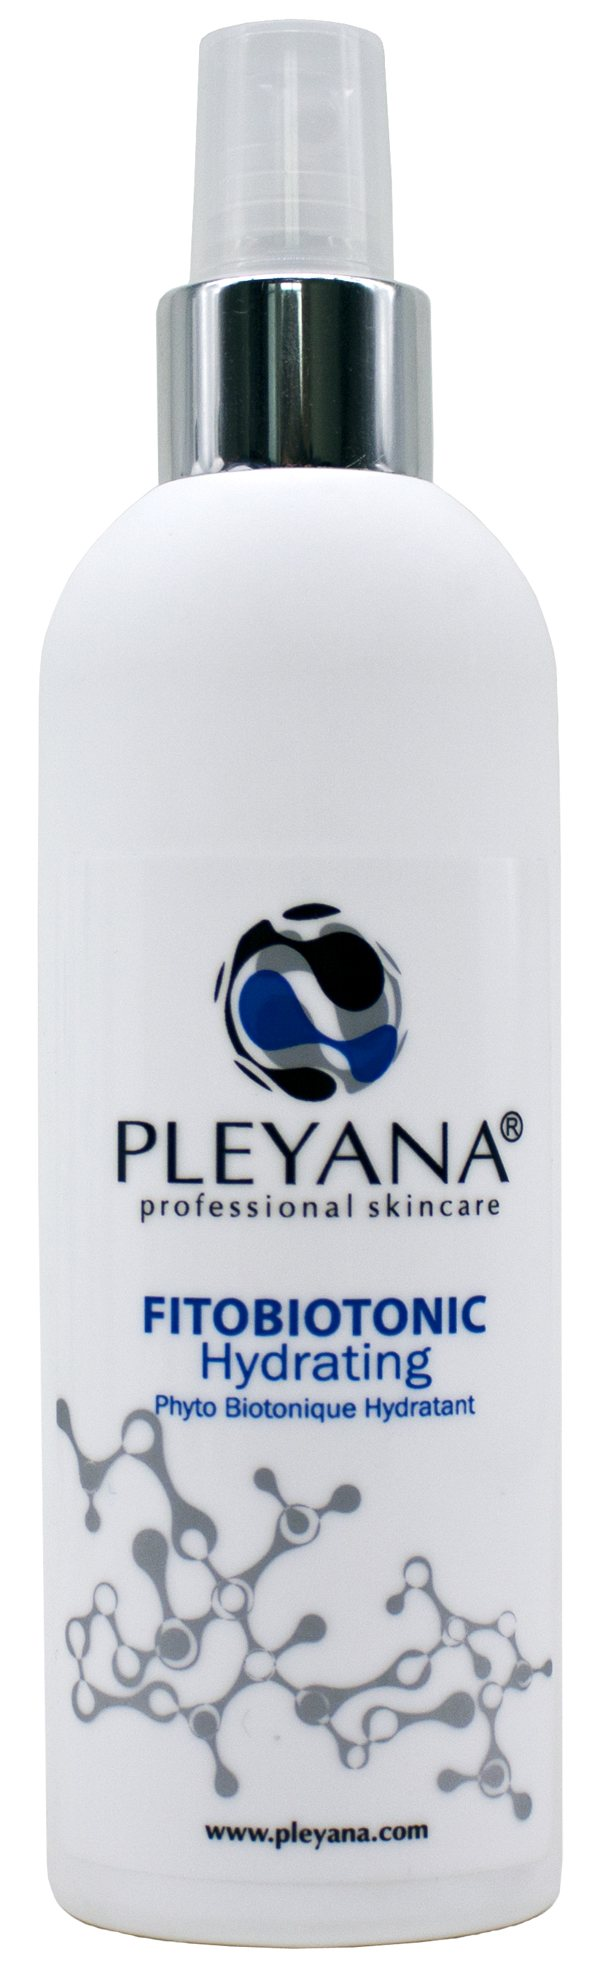 фитобиотоник, тоник для лица, увлажняющий тоник, лосьон для лица, увлажнение кожи, плеяна, pleyana